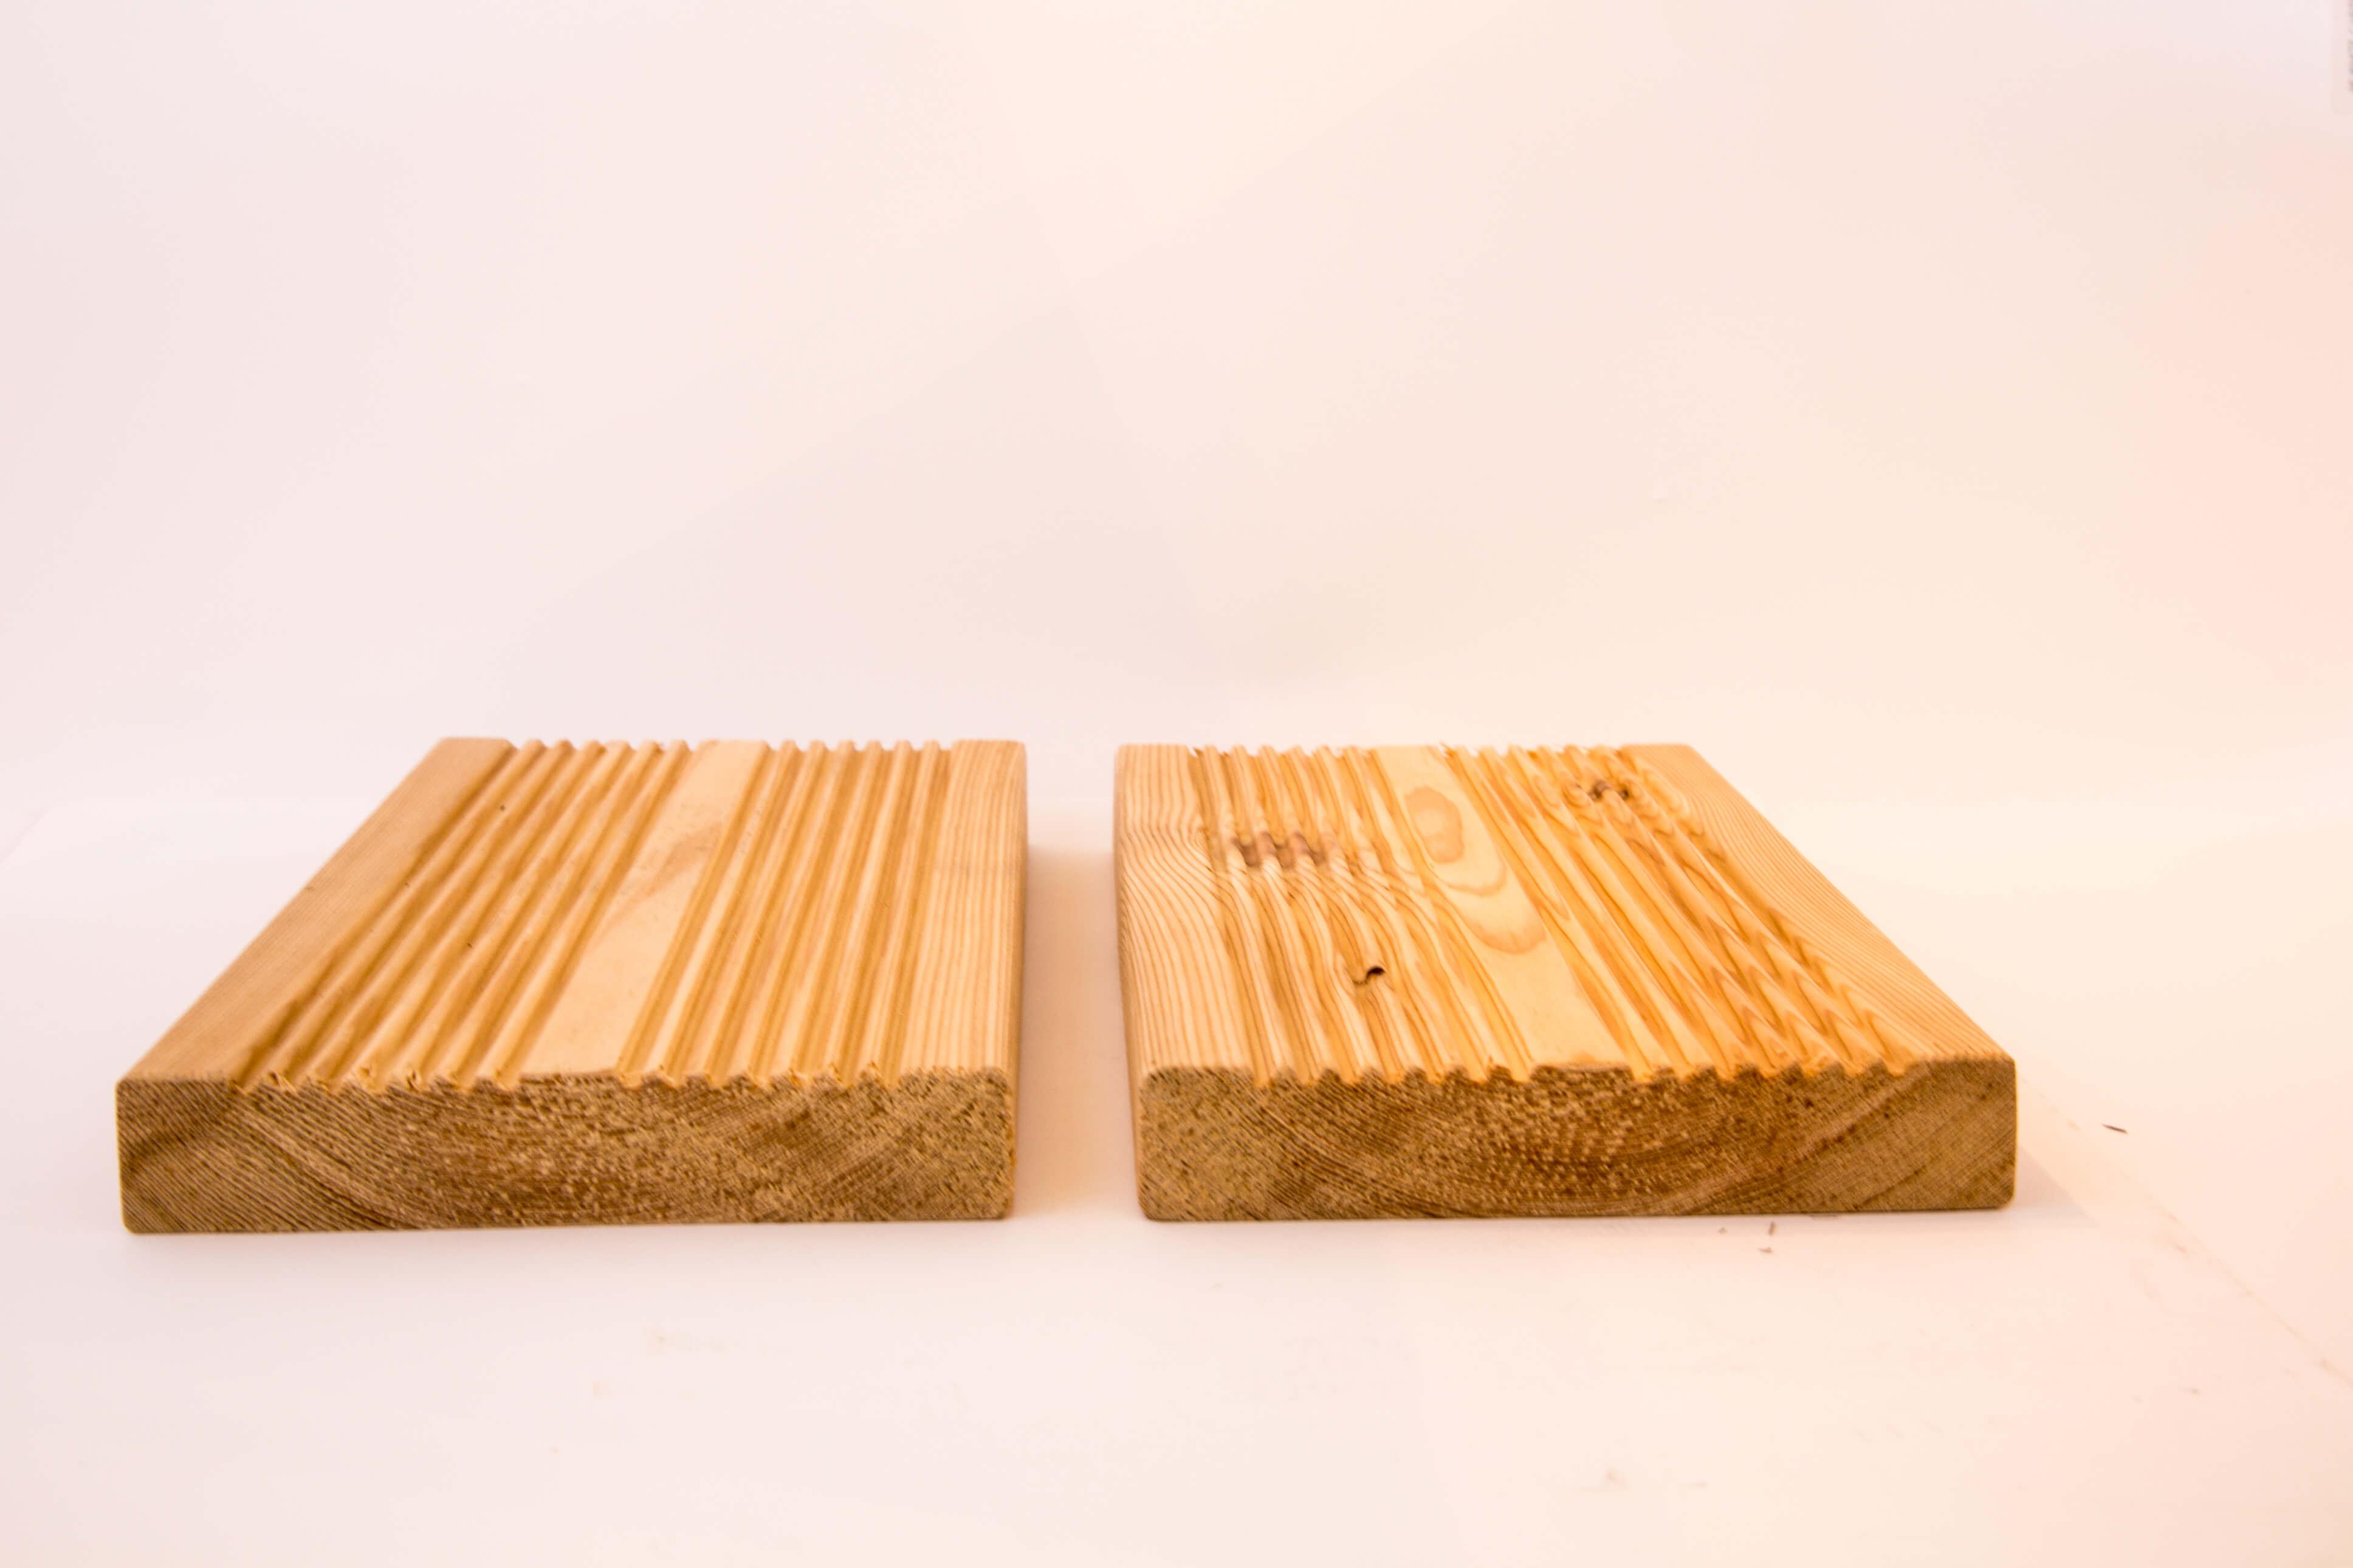 Timber Focus Natural Timber Decking Siberian Larch Decking large timber decking supplier